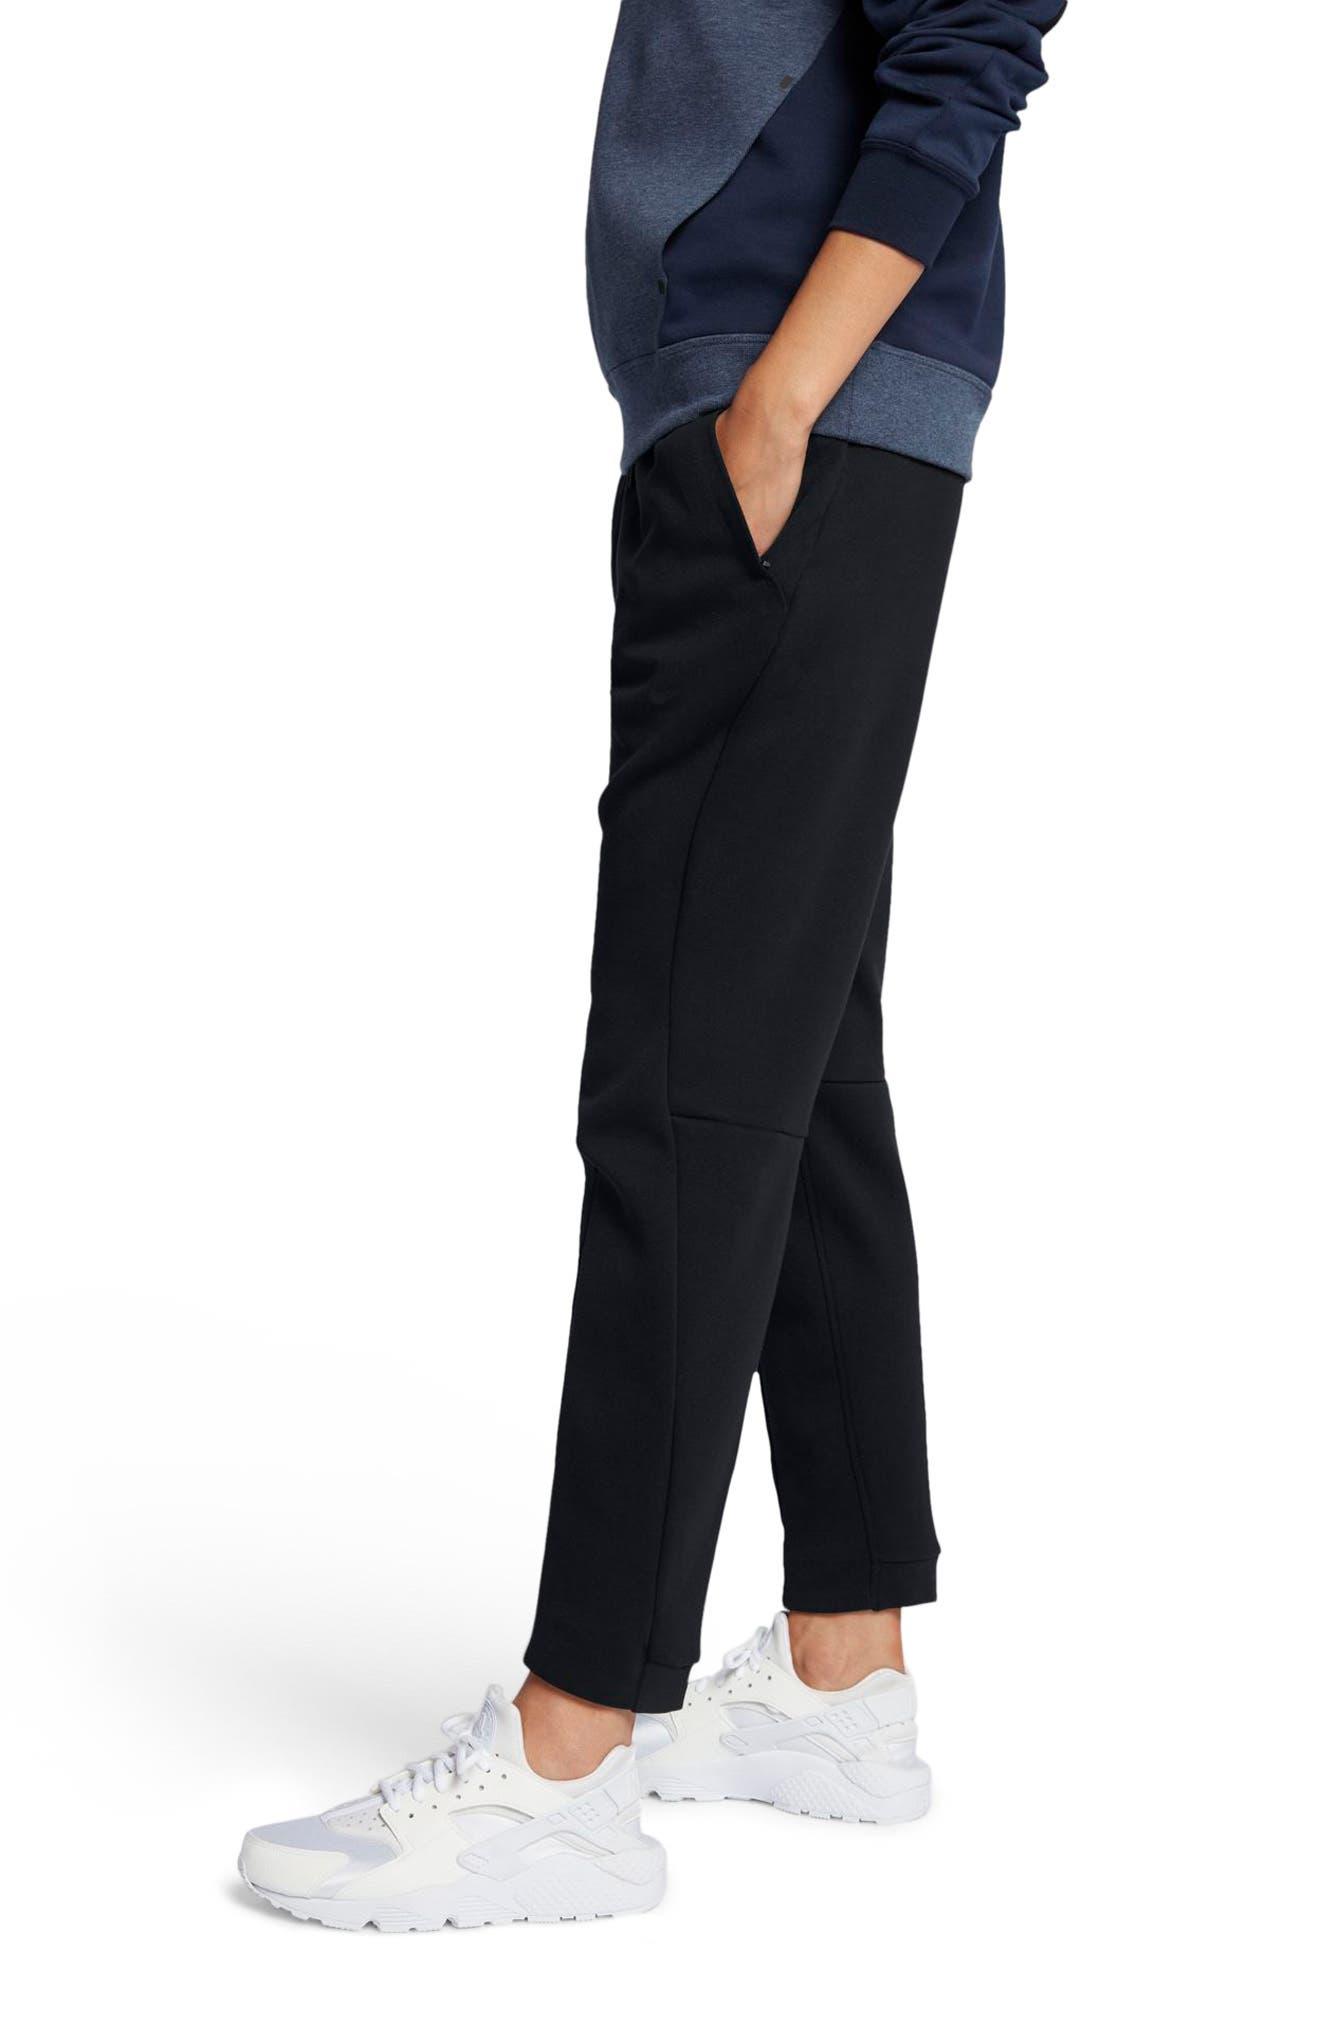 Sportswear Women's Tech Fleece Pants,                             Alternate thumbnail 3, color,